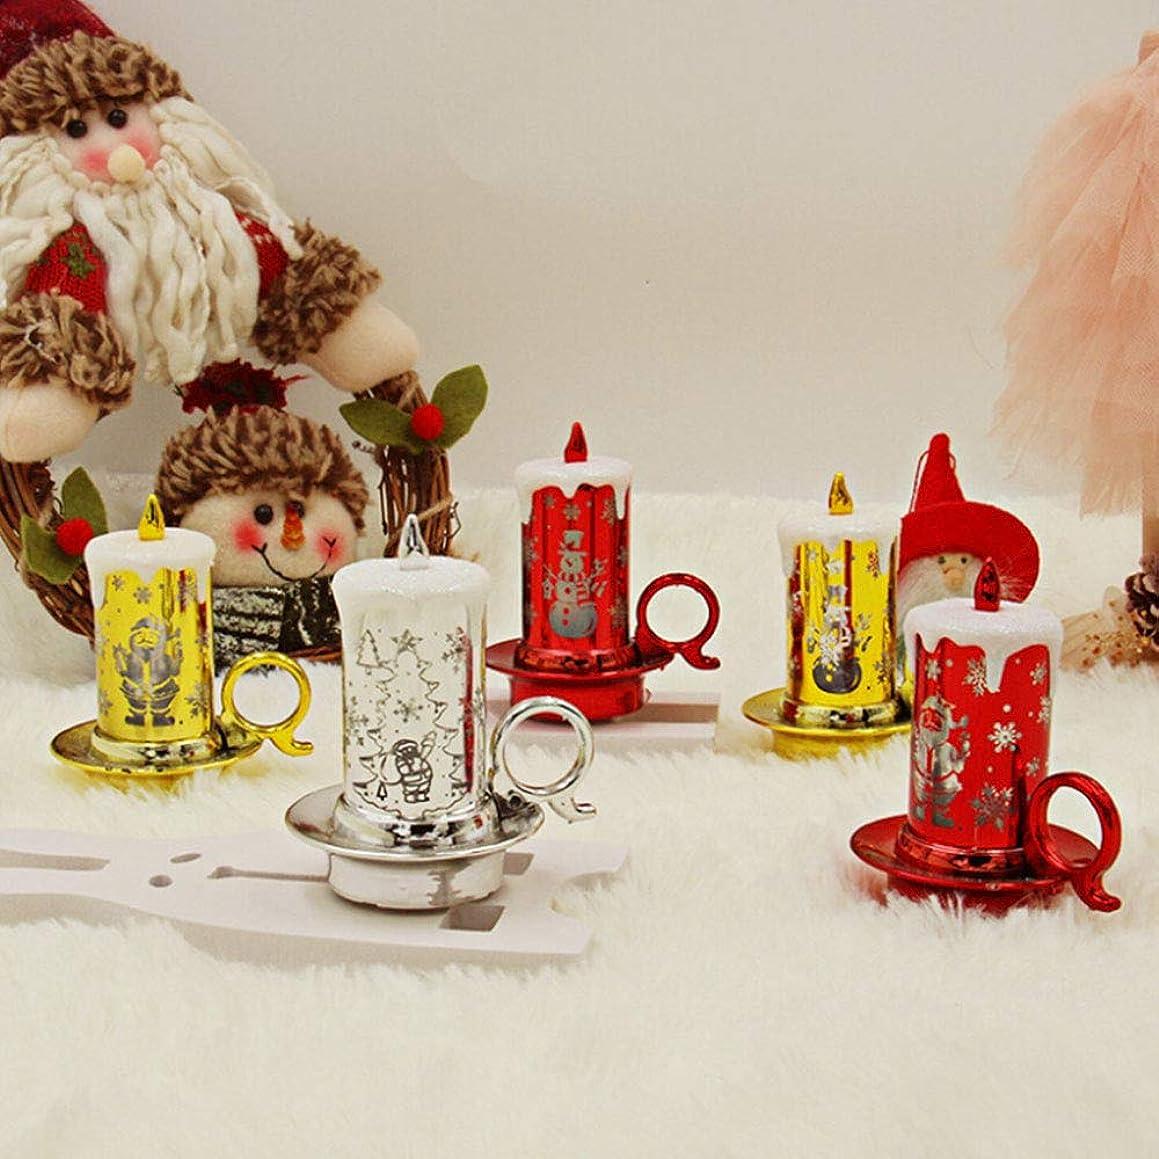 アリ機密熟読するWERULIG クリスマスの装飾ライト キャンドル型ライト クリスマス飾り デコレーション 多色点滅ライト 特別な外観 アクセサリー 雰囲気作り LED照明 電池式 カラーランダム